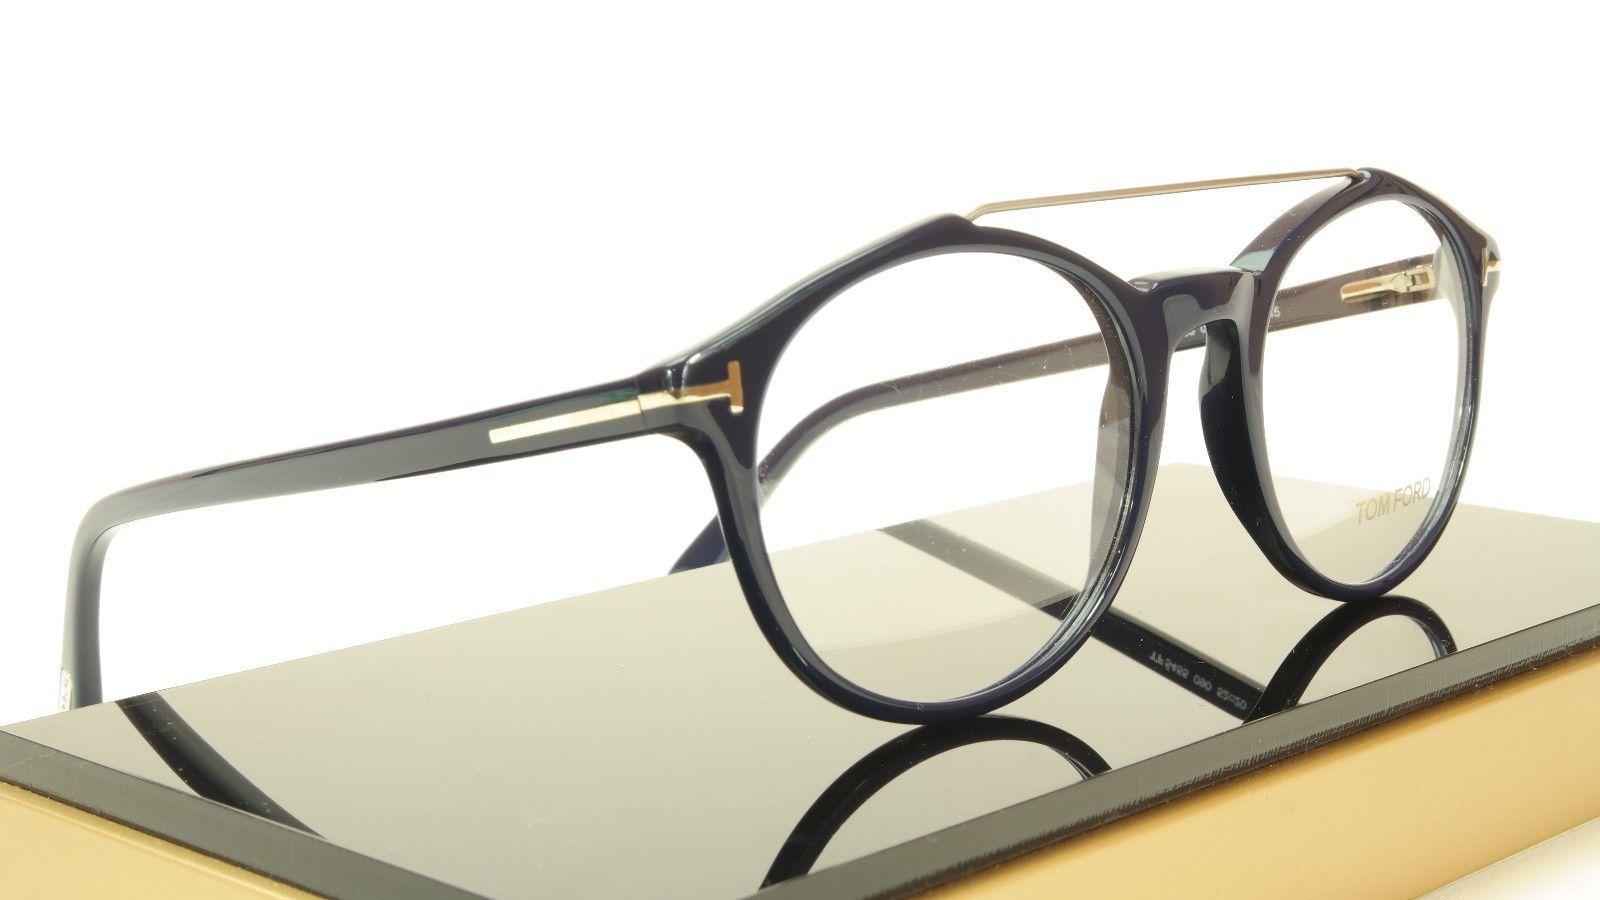 Tom Ford Authentic Eyeglasses Frame TF5455 090 Dark Navy Blue Italy 52-20-145 image 6